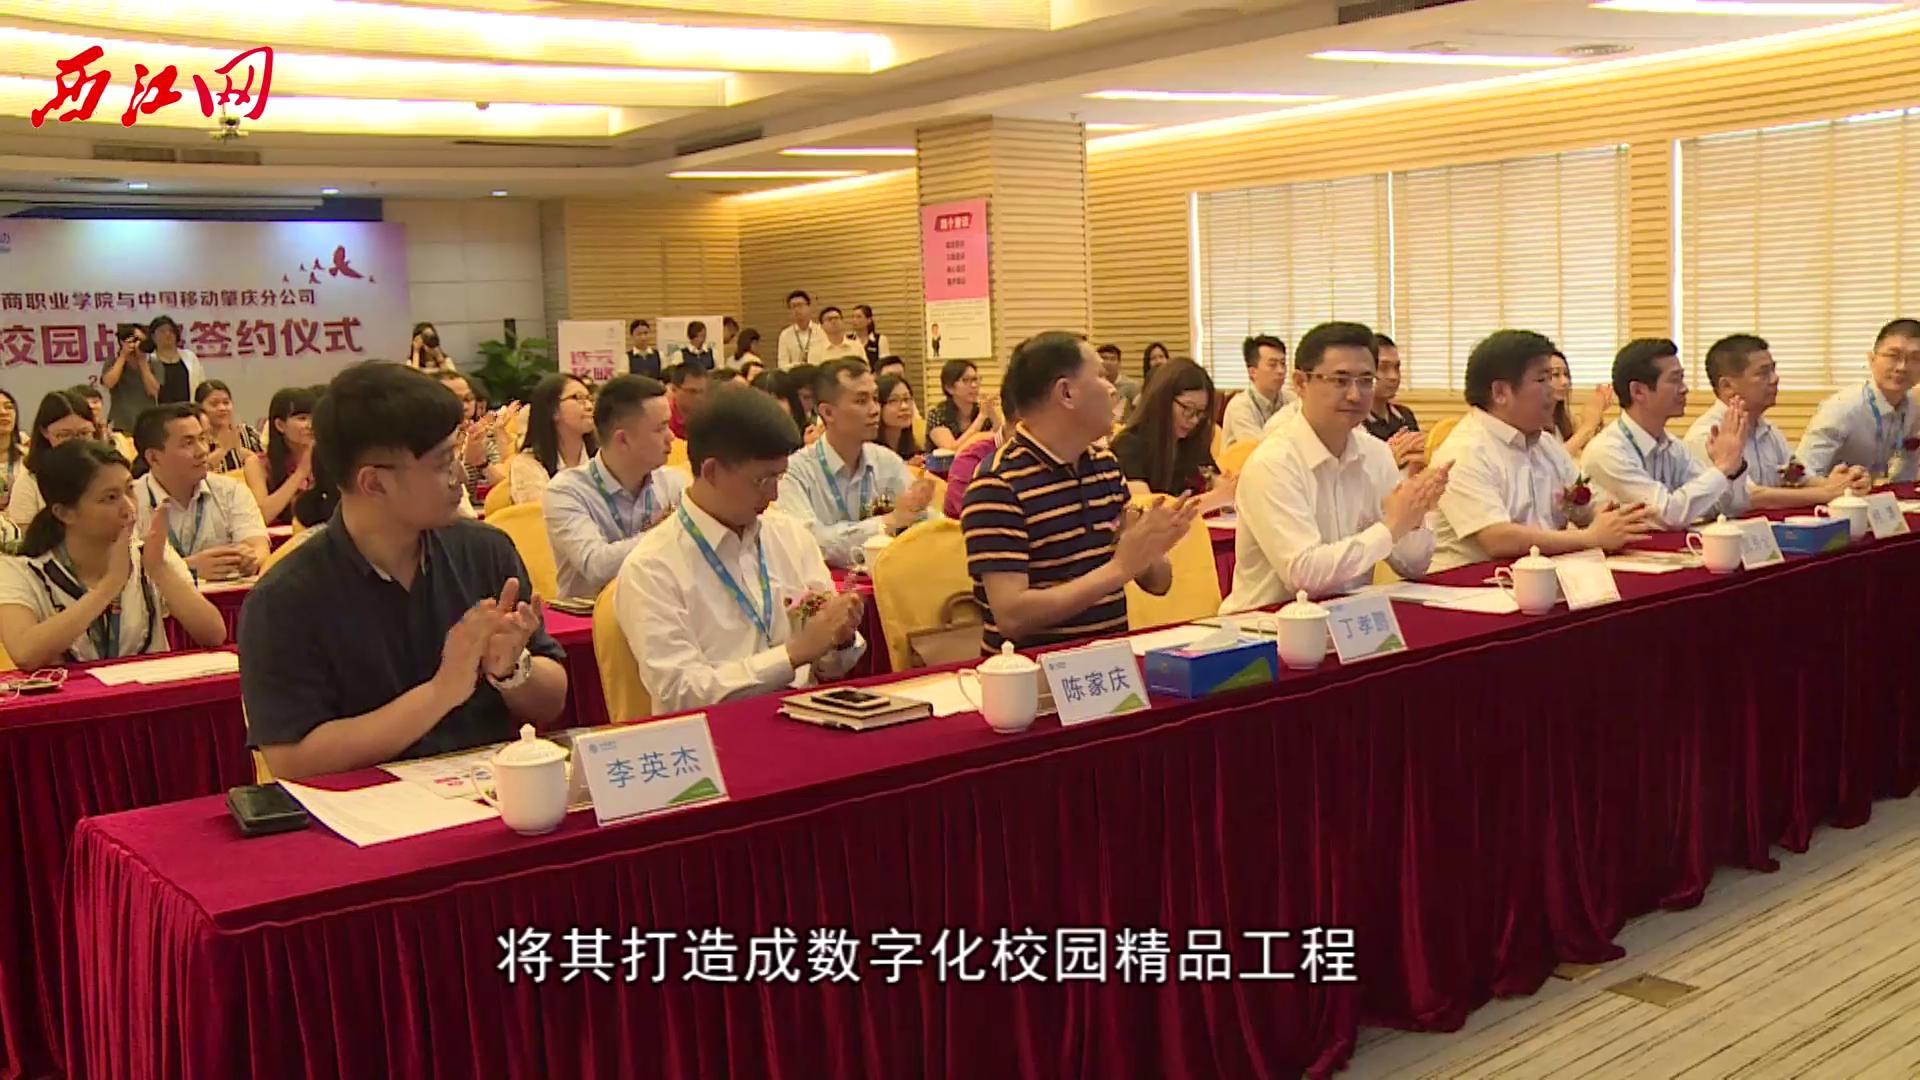 肇庆移动:省内首次智慧校园战略合作启航